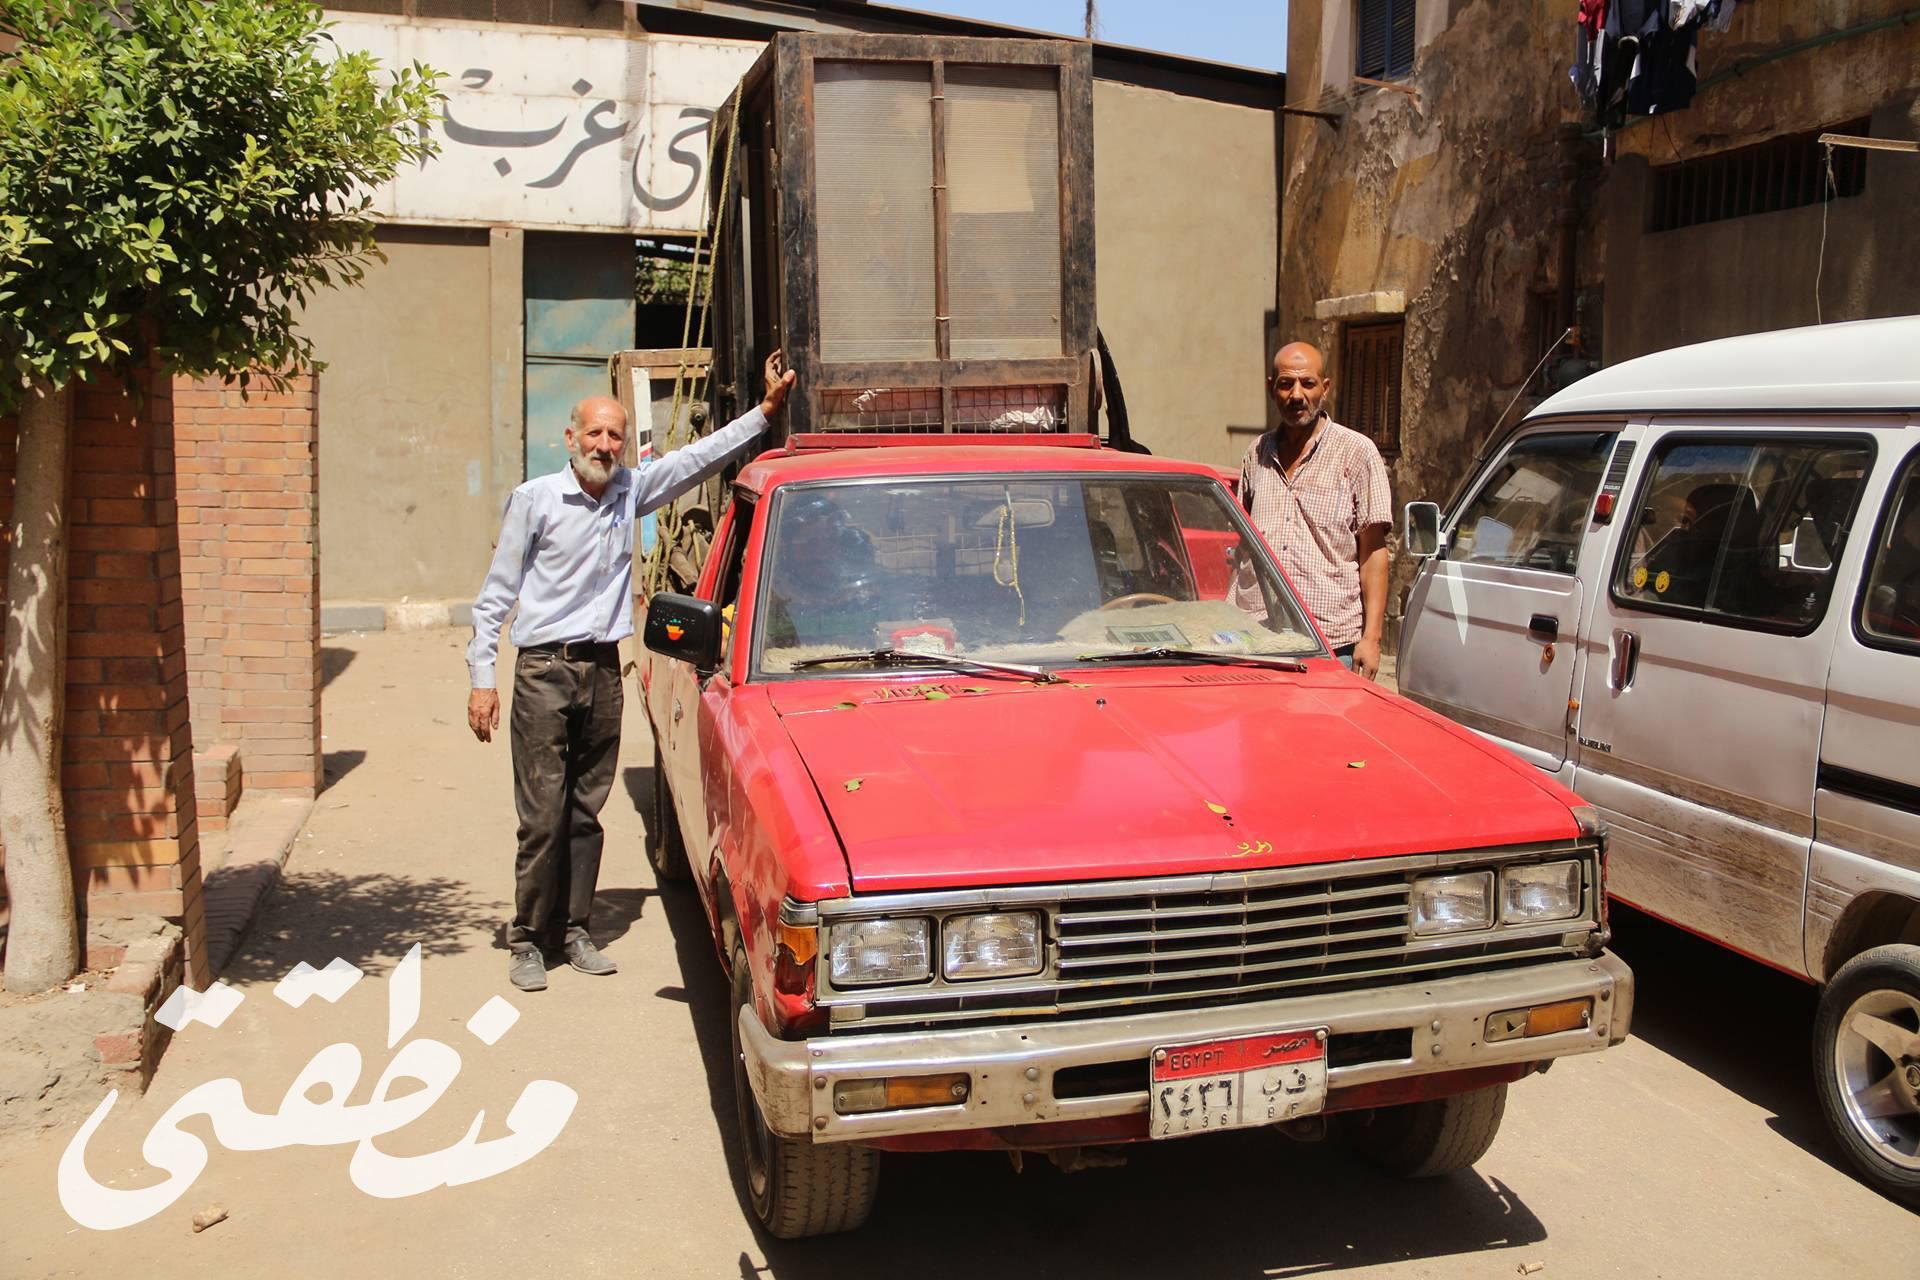 عم محمد وردة أثناء تسلمه الكشك الخاص به من مخازن حي غرب صباح اليوم - تصوير: صديق البخشونجي